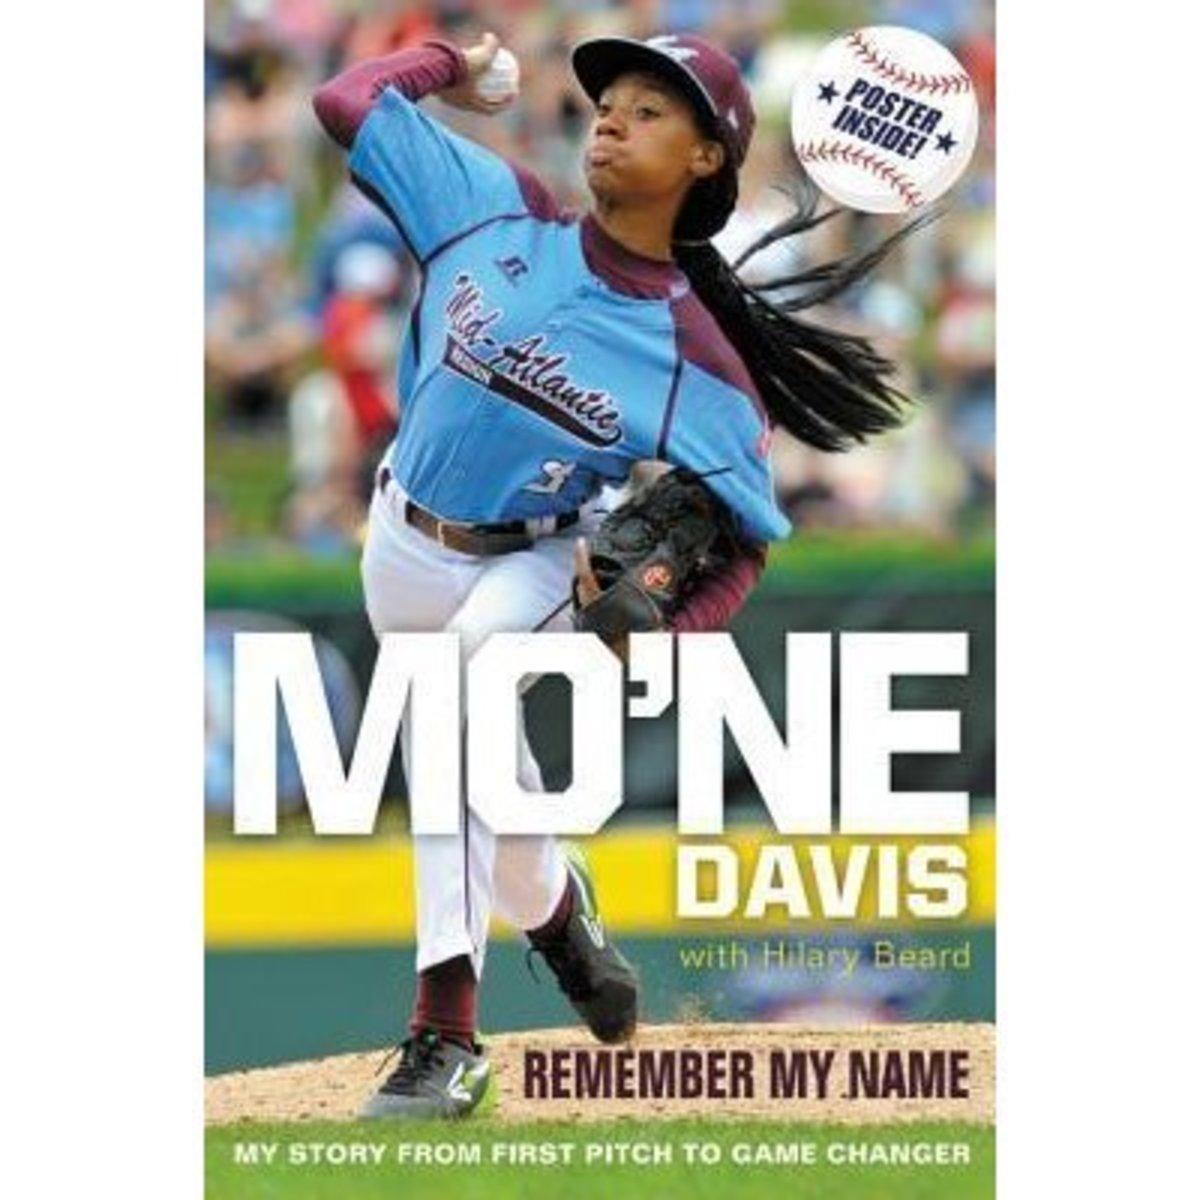 Mo'ne Davis memoir